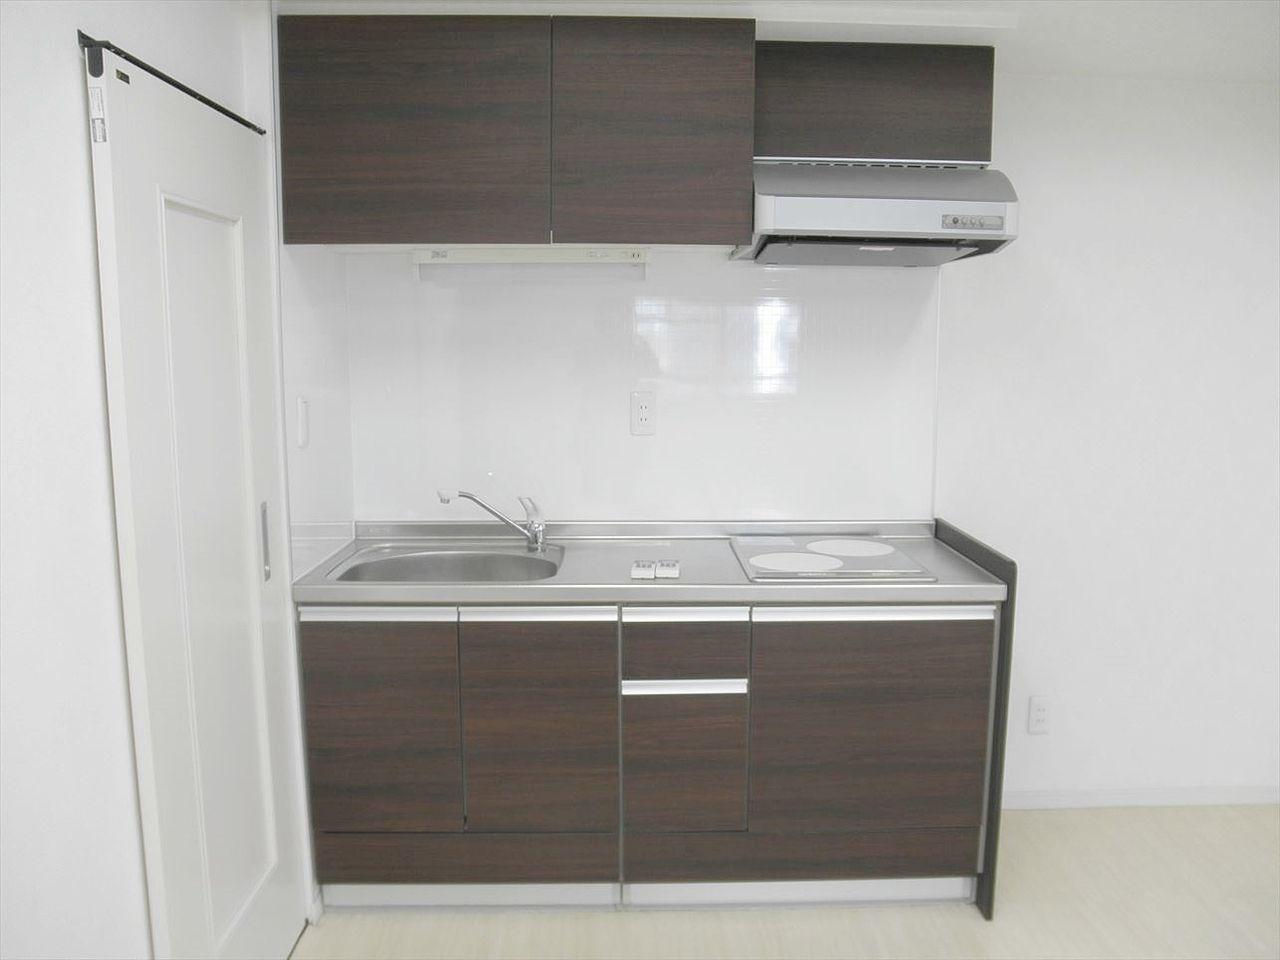 アゼリア青新ビル903号室のキッチンです。IHクッキングヒーター2口設置済みです